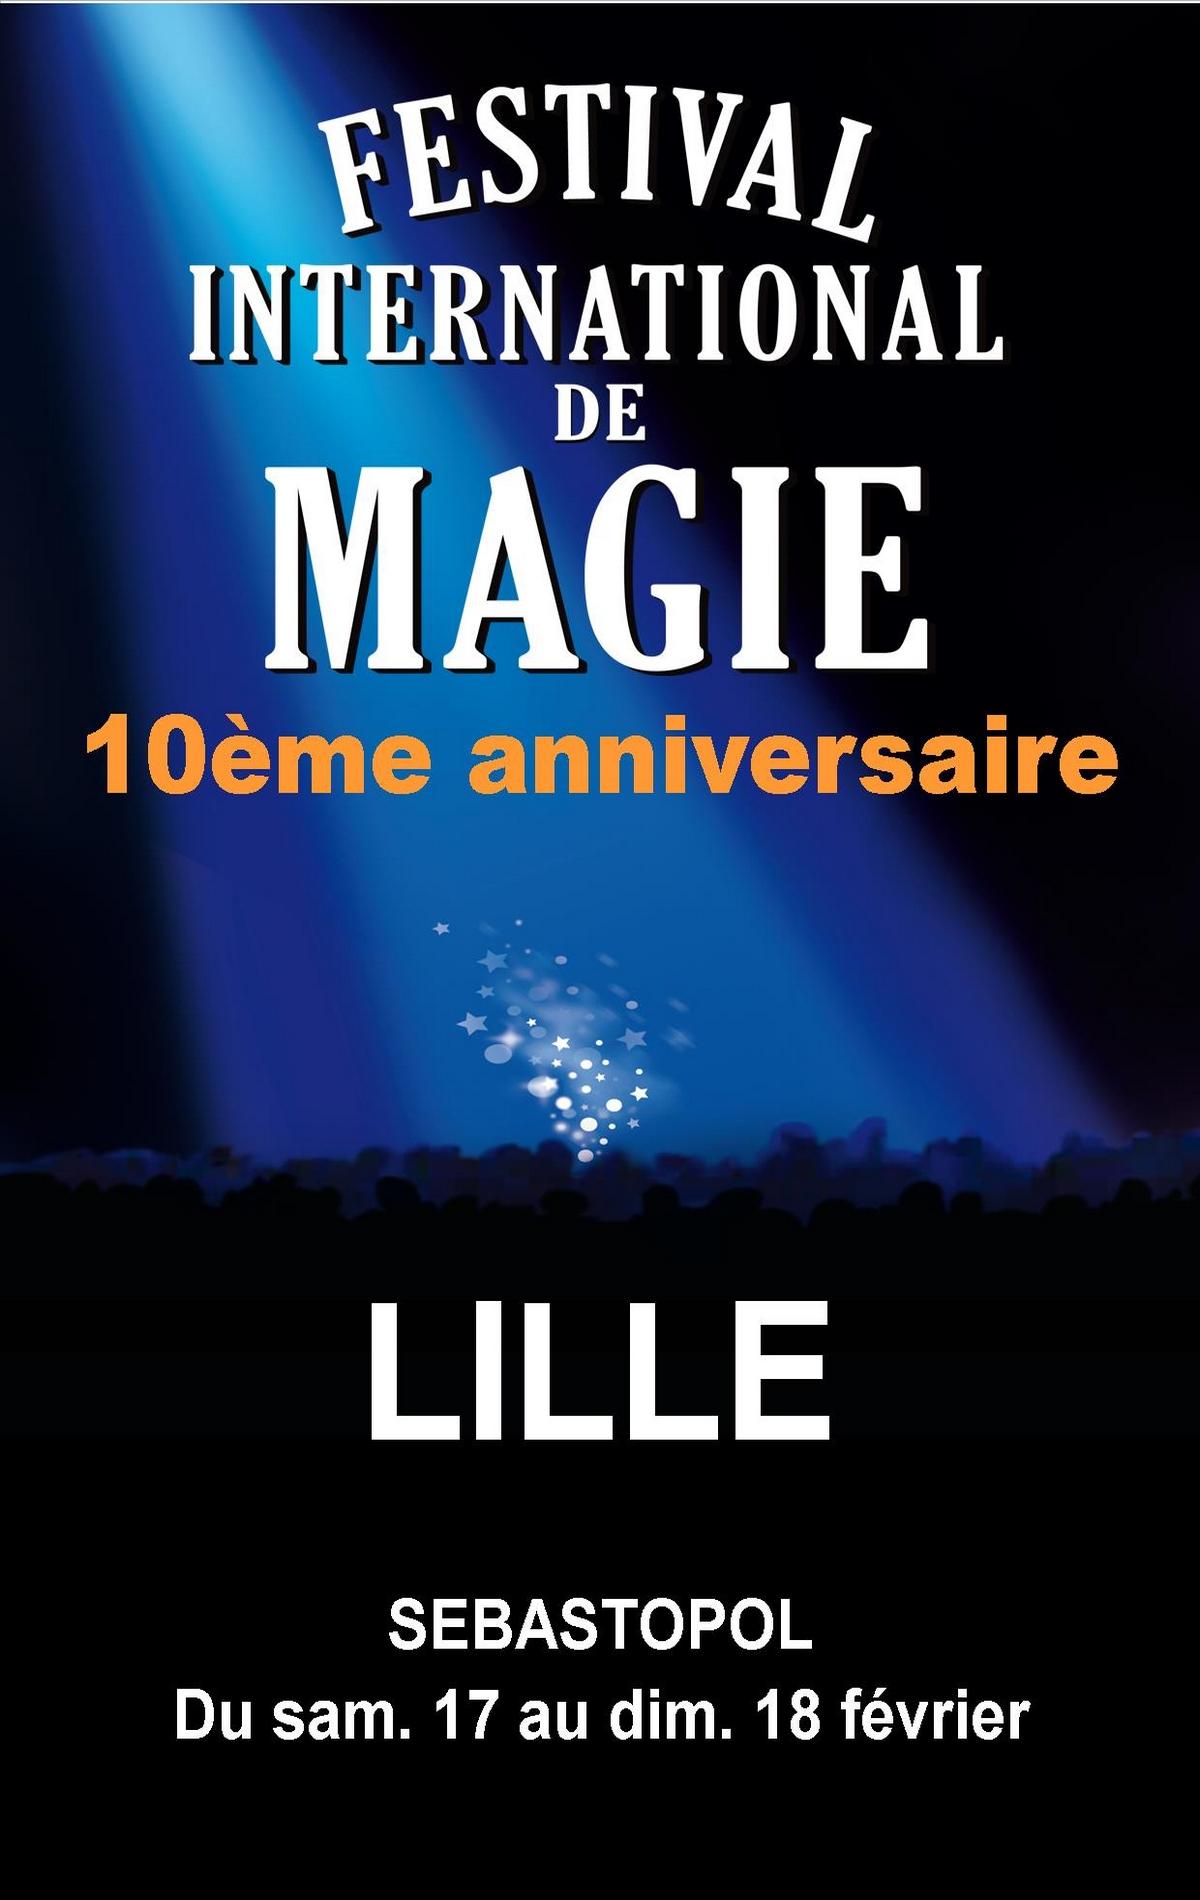 FESTIVAL INTERNATIONAL DE MAGIE : 10EME ANNIVERSAIRE